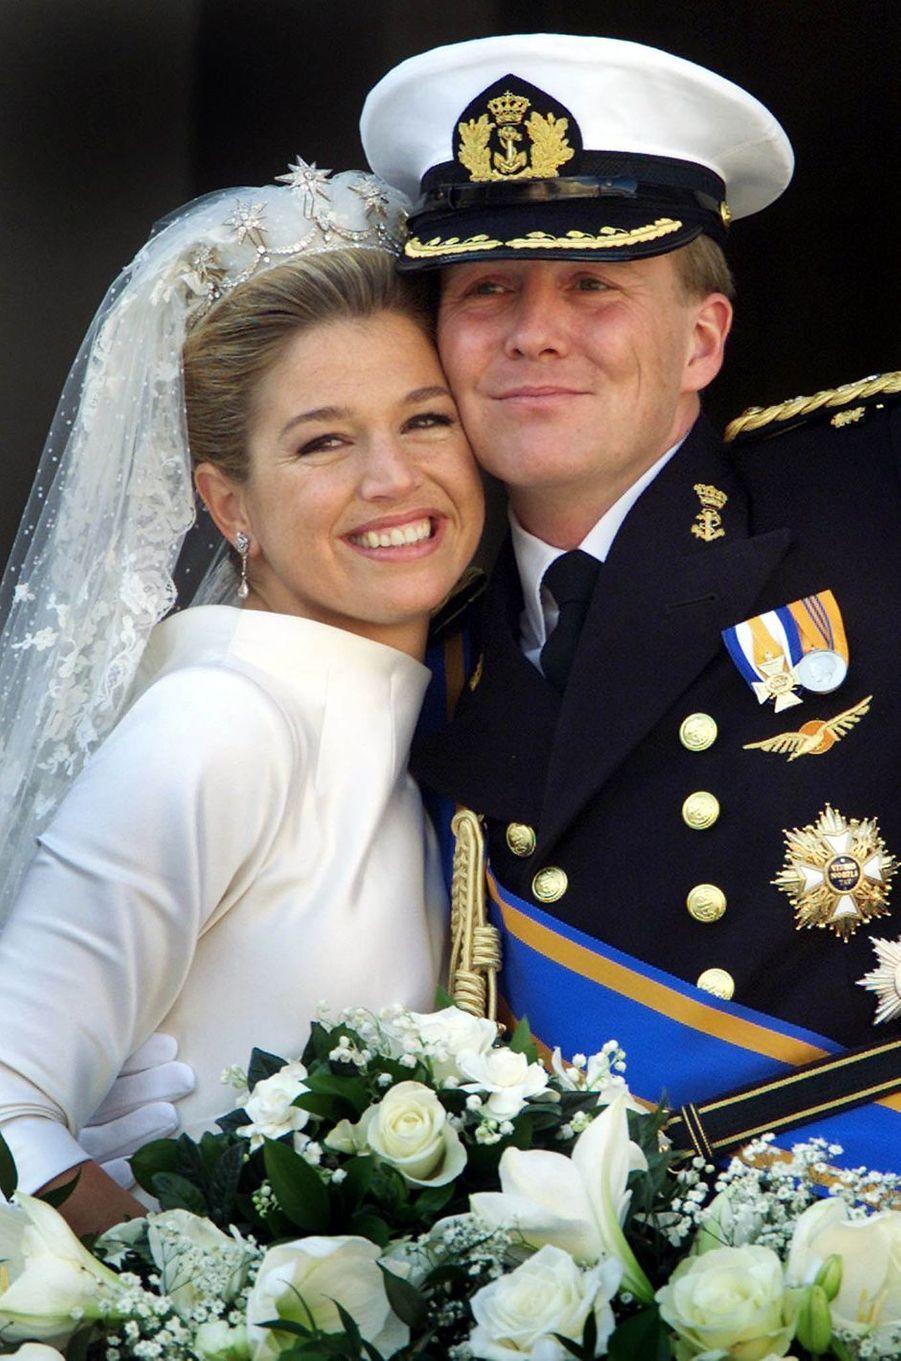 Le prince Willem-Alexander des Pays-Bas épouse Maxima Zorreguieta le 2 février 2002